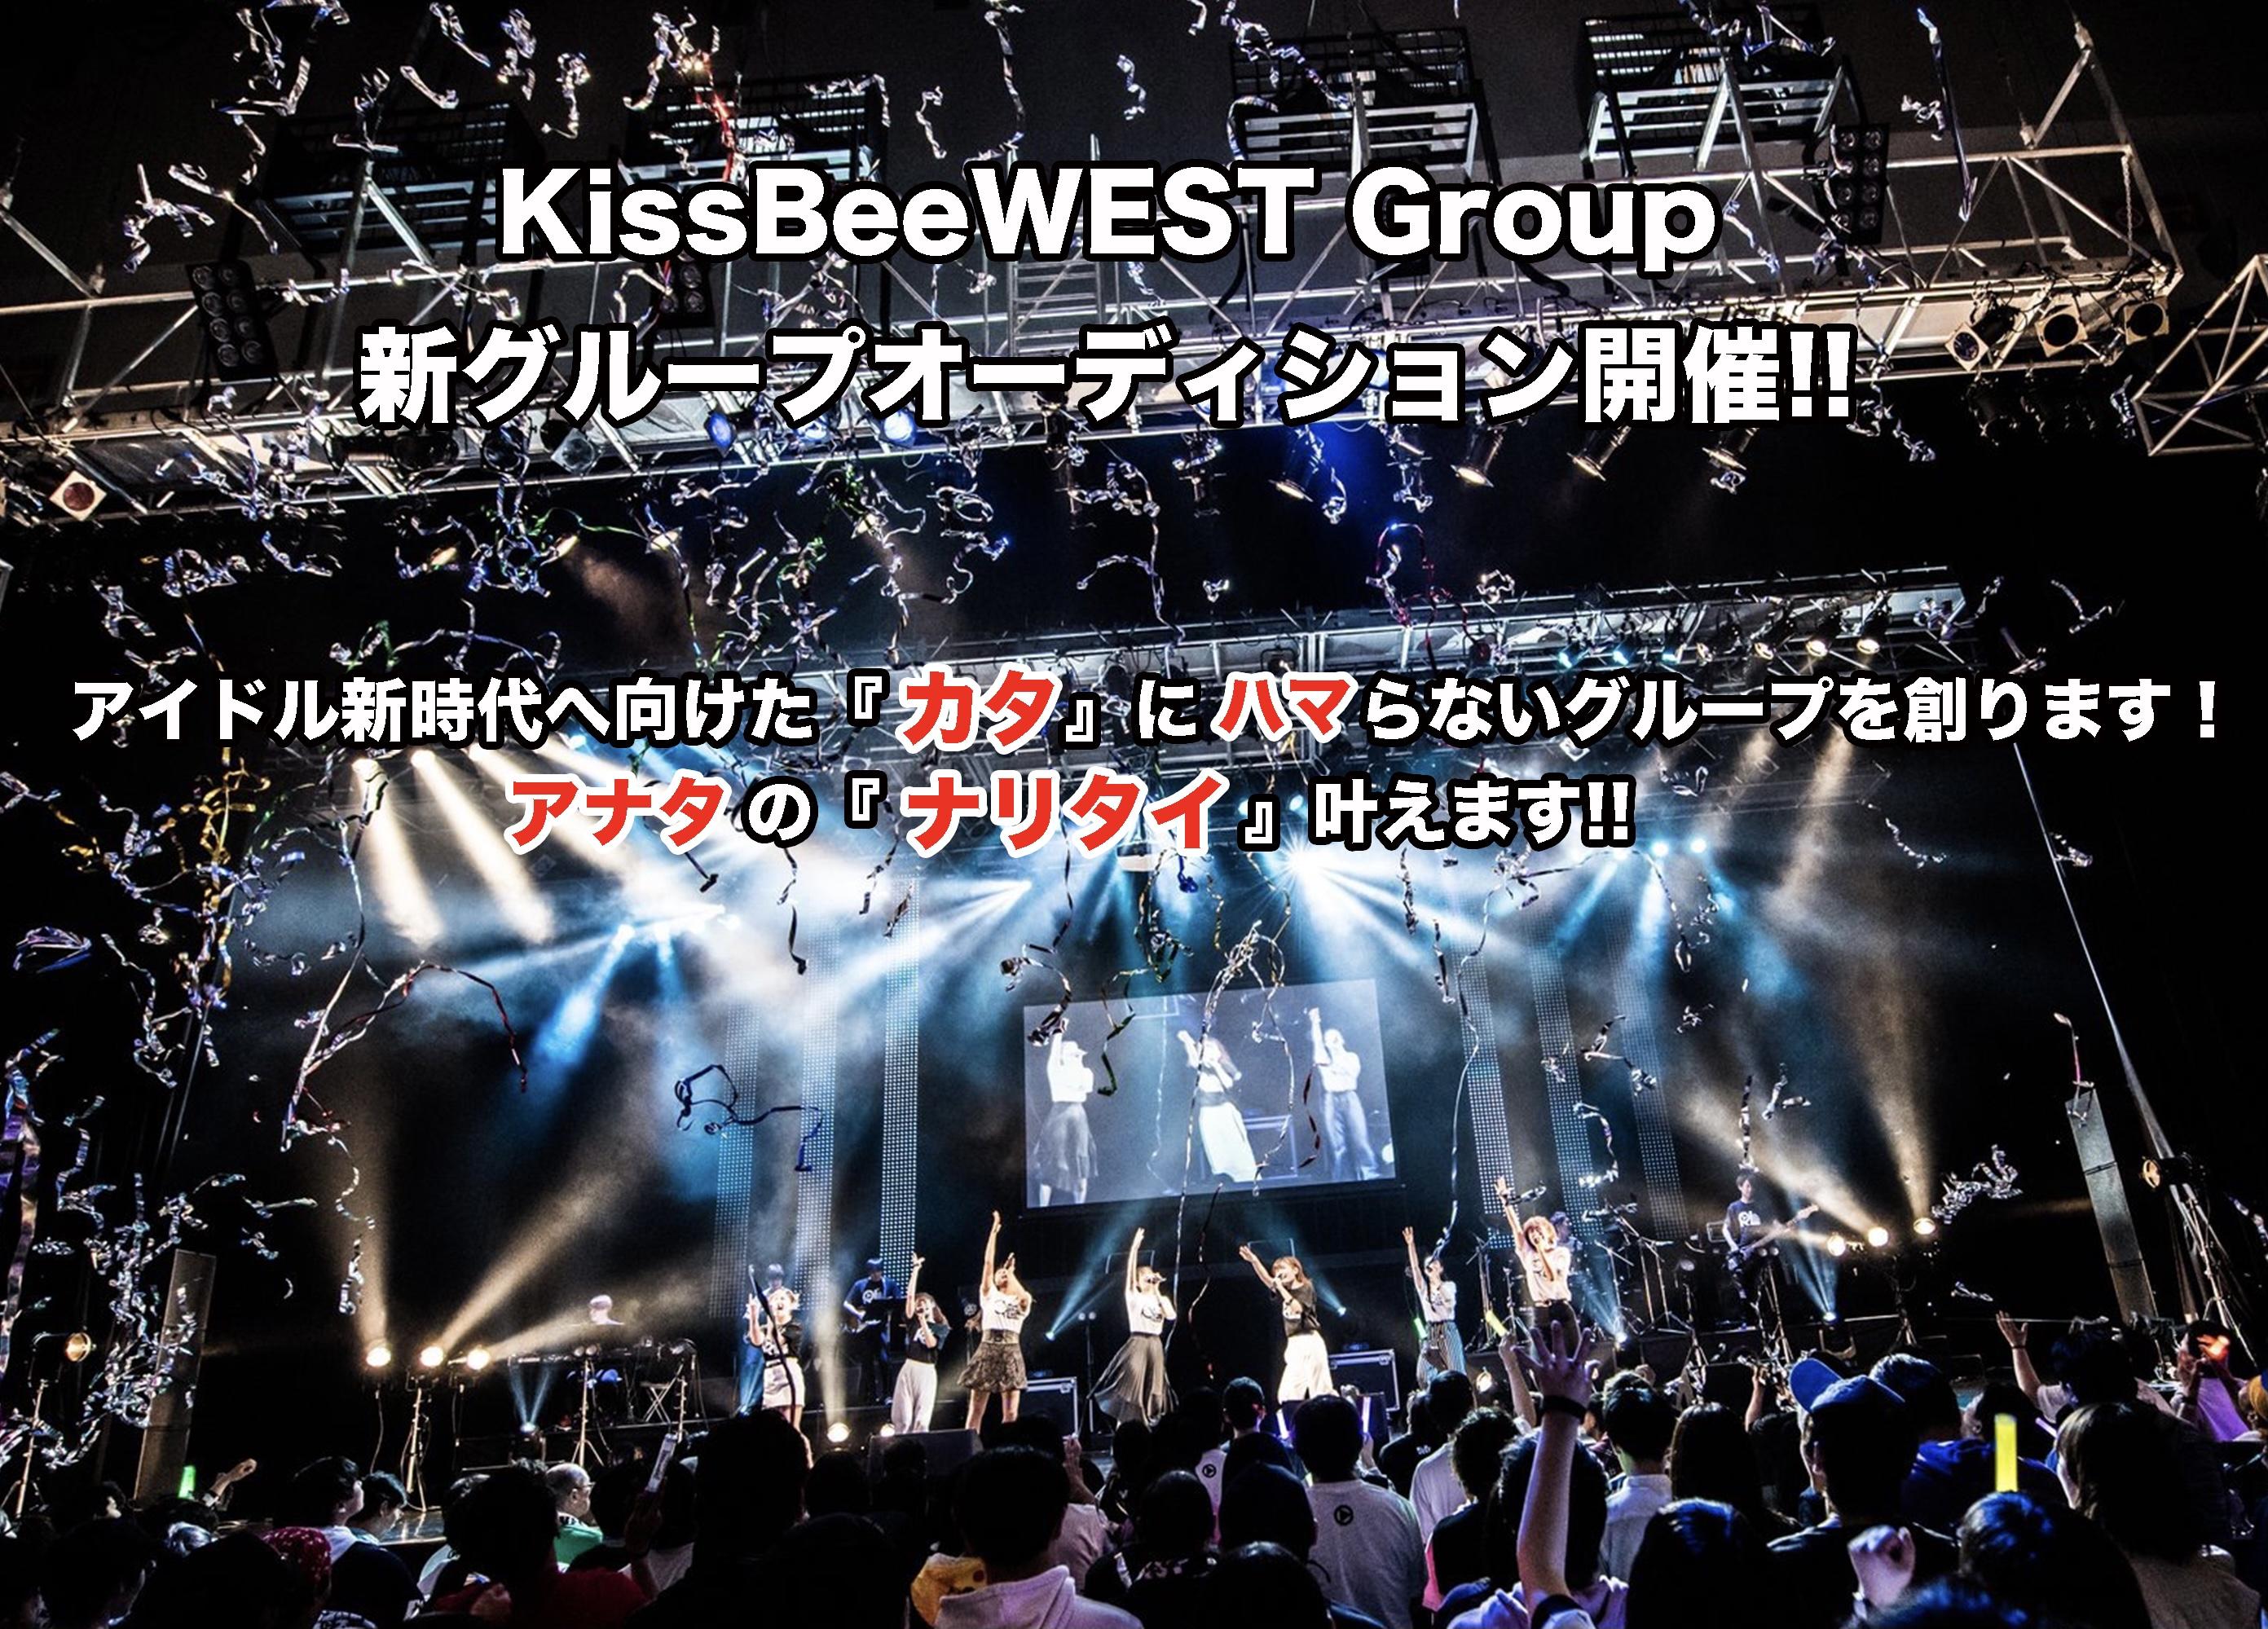 オーディション KissBeeWESTGroup オーディション カタにハマらないグループを! アナタの「ナリタイ」叶えます 主催:株式会社KissBeeInternational 関西支社、カテゴリ:アイドル(東京以外)